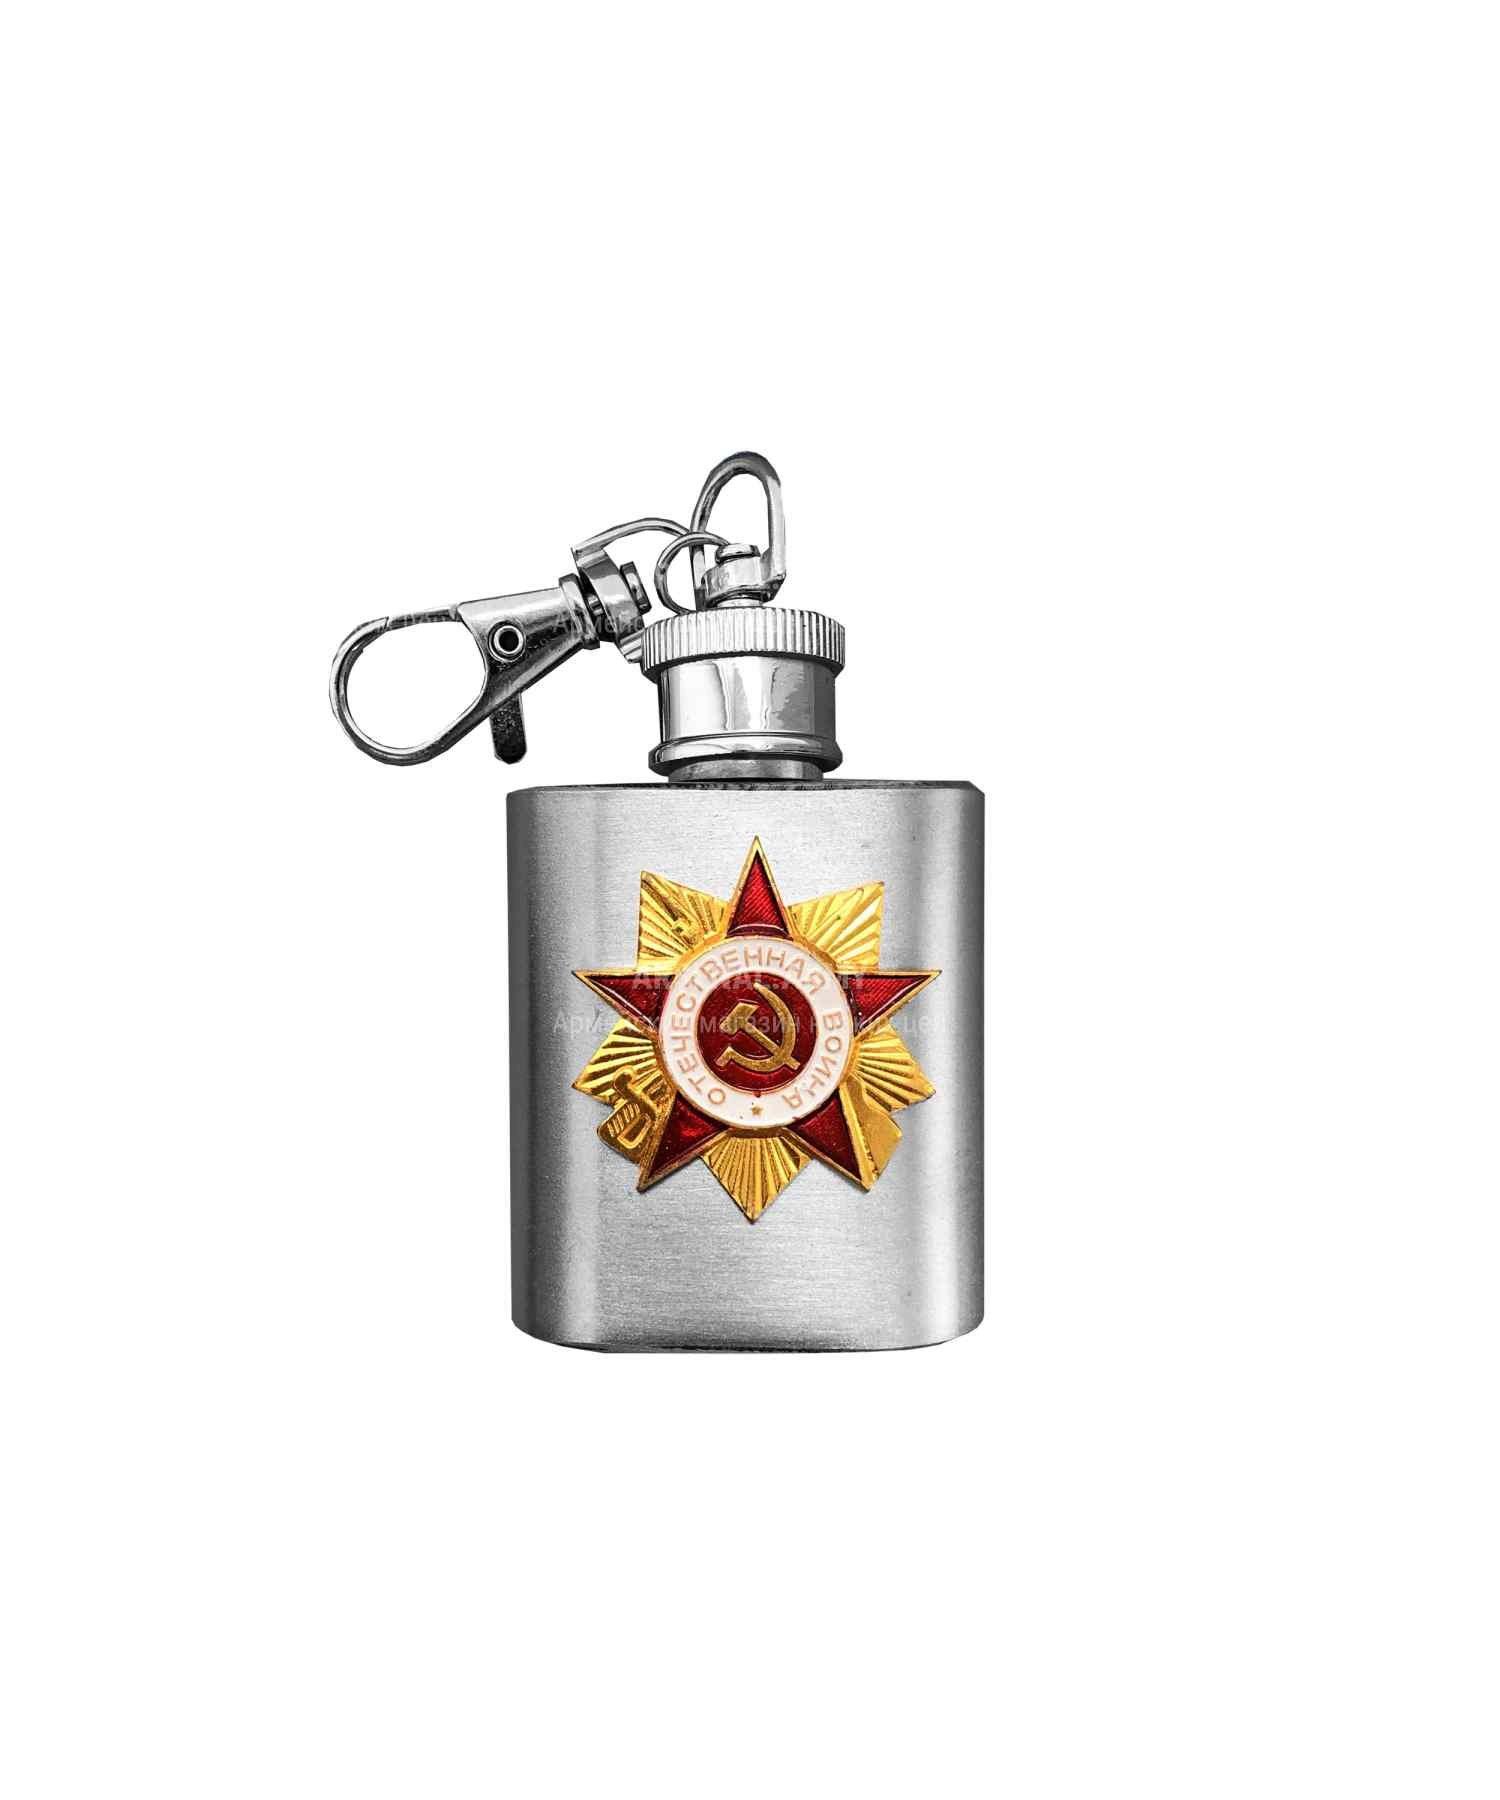 Фляжка брелок СССР Великая Отечественная Война